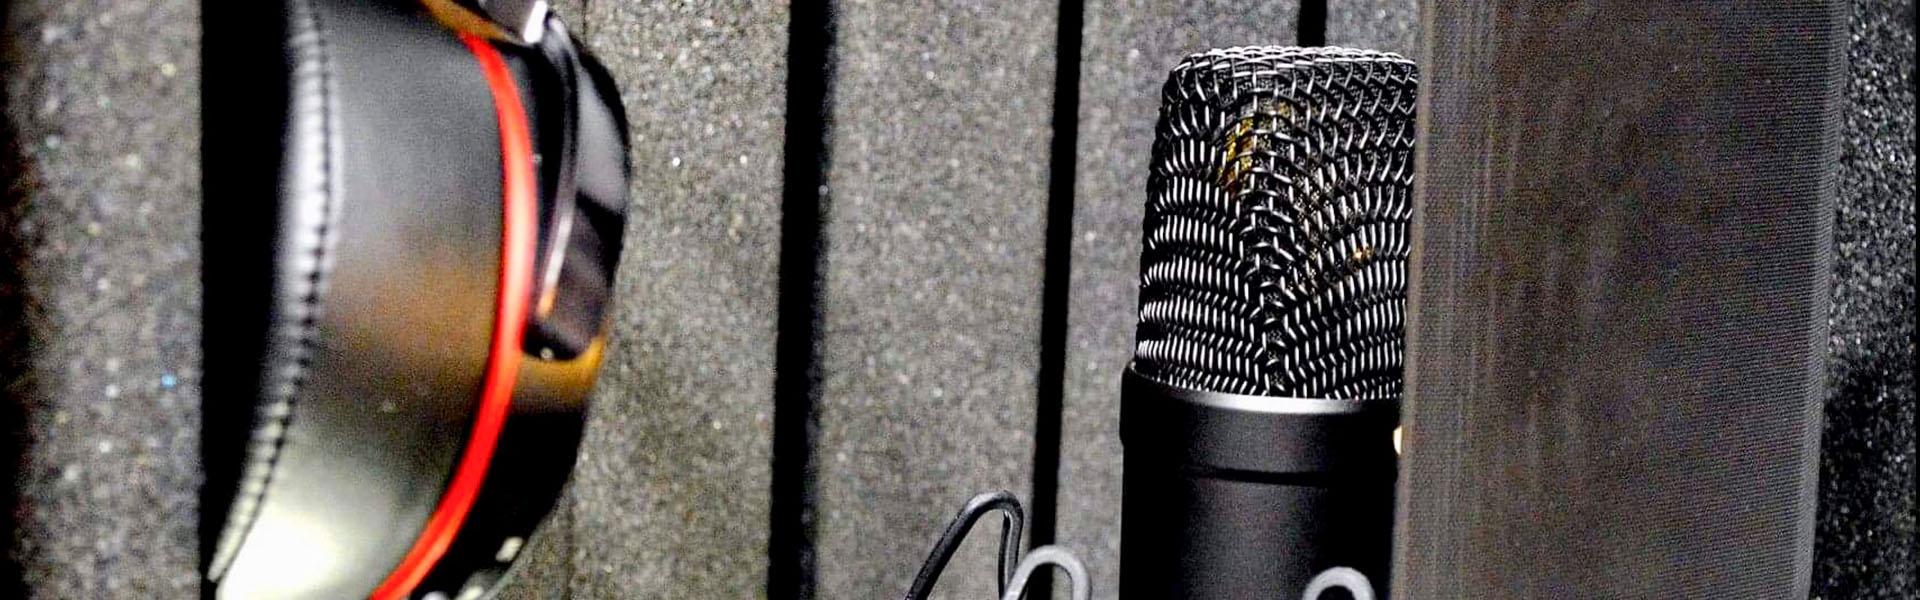 Harold Productions mikrofon